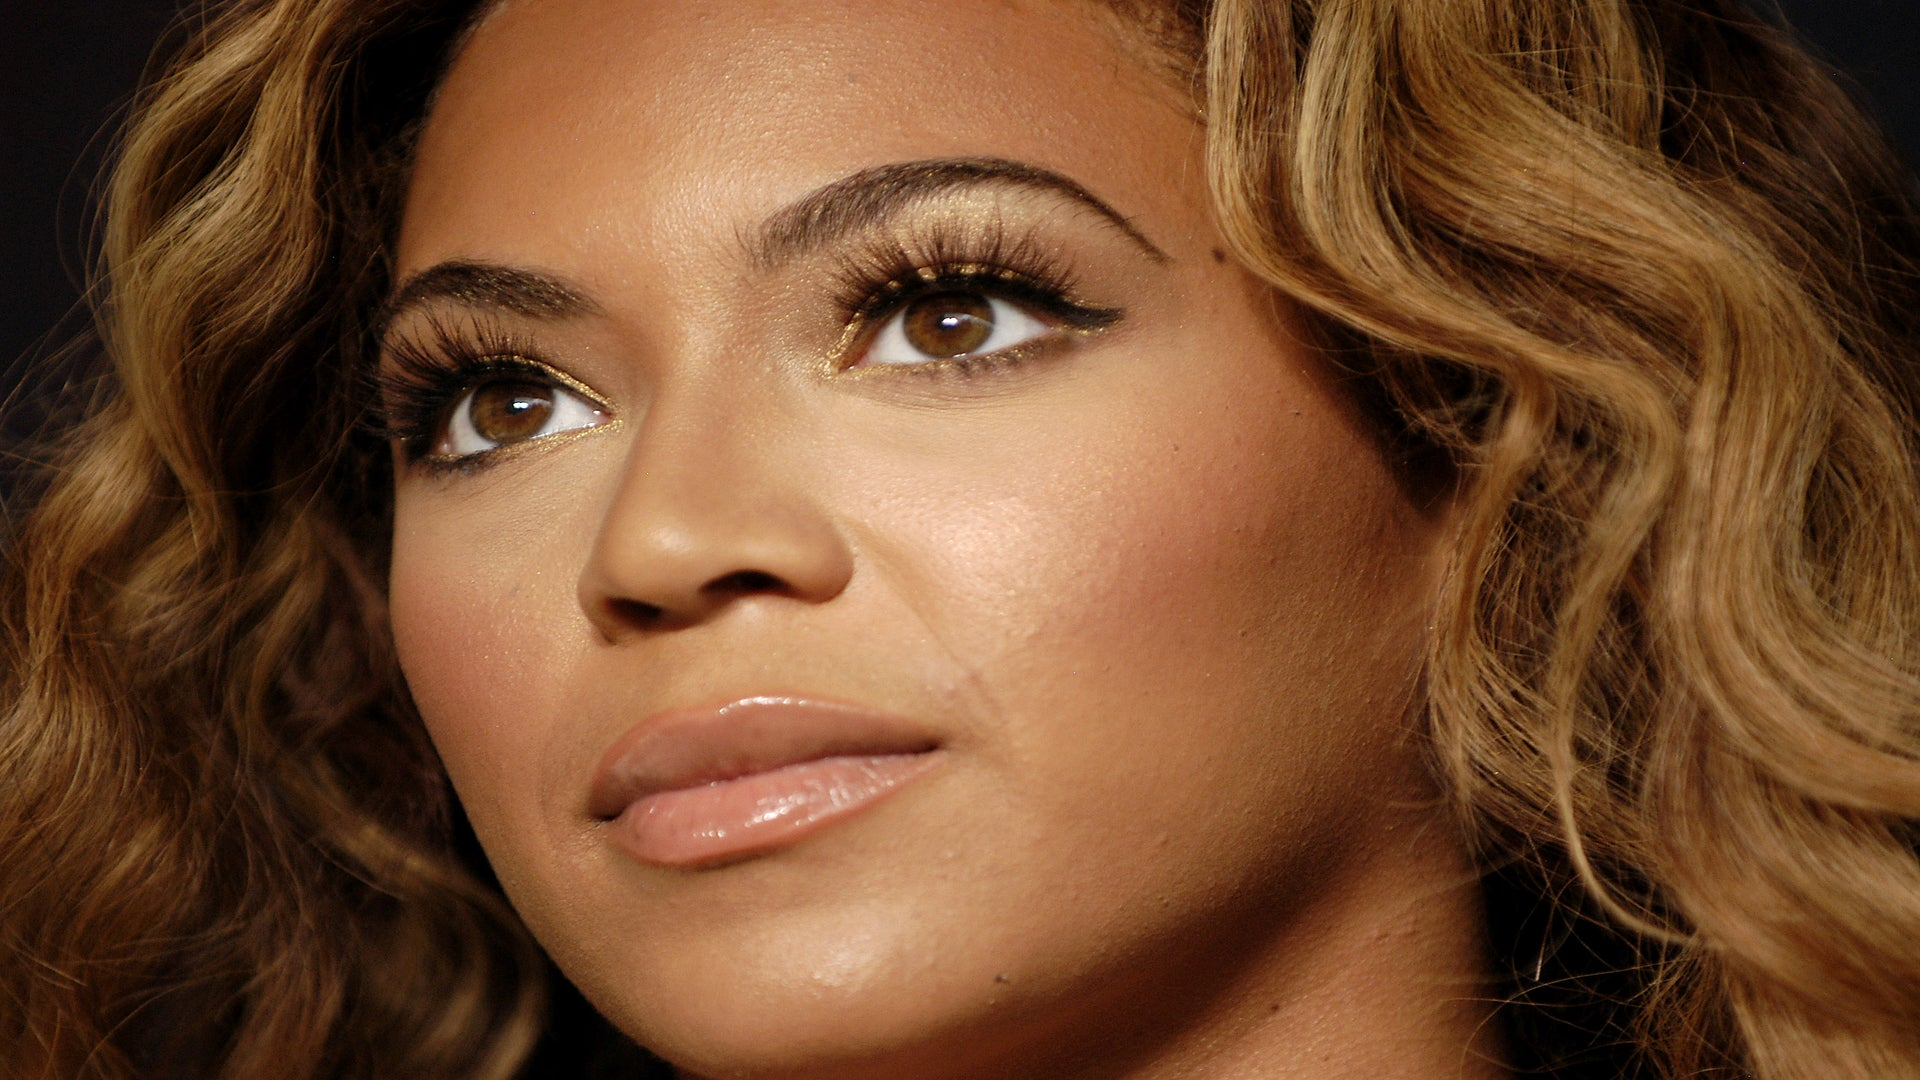 Beyoncé's Makeup Artist Reveals His Top Tips For Amazing Lashes